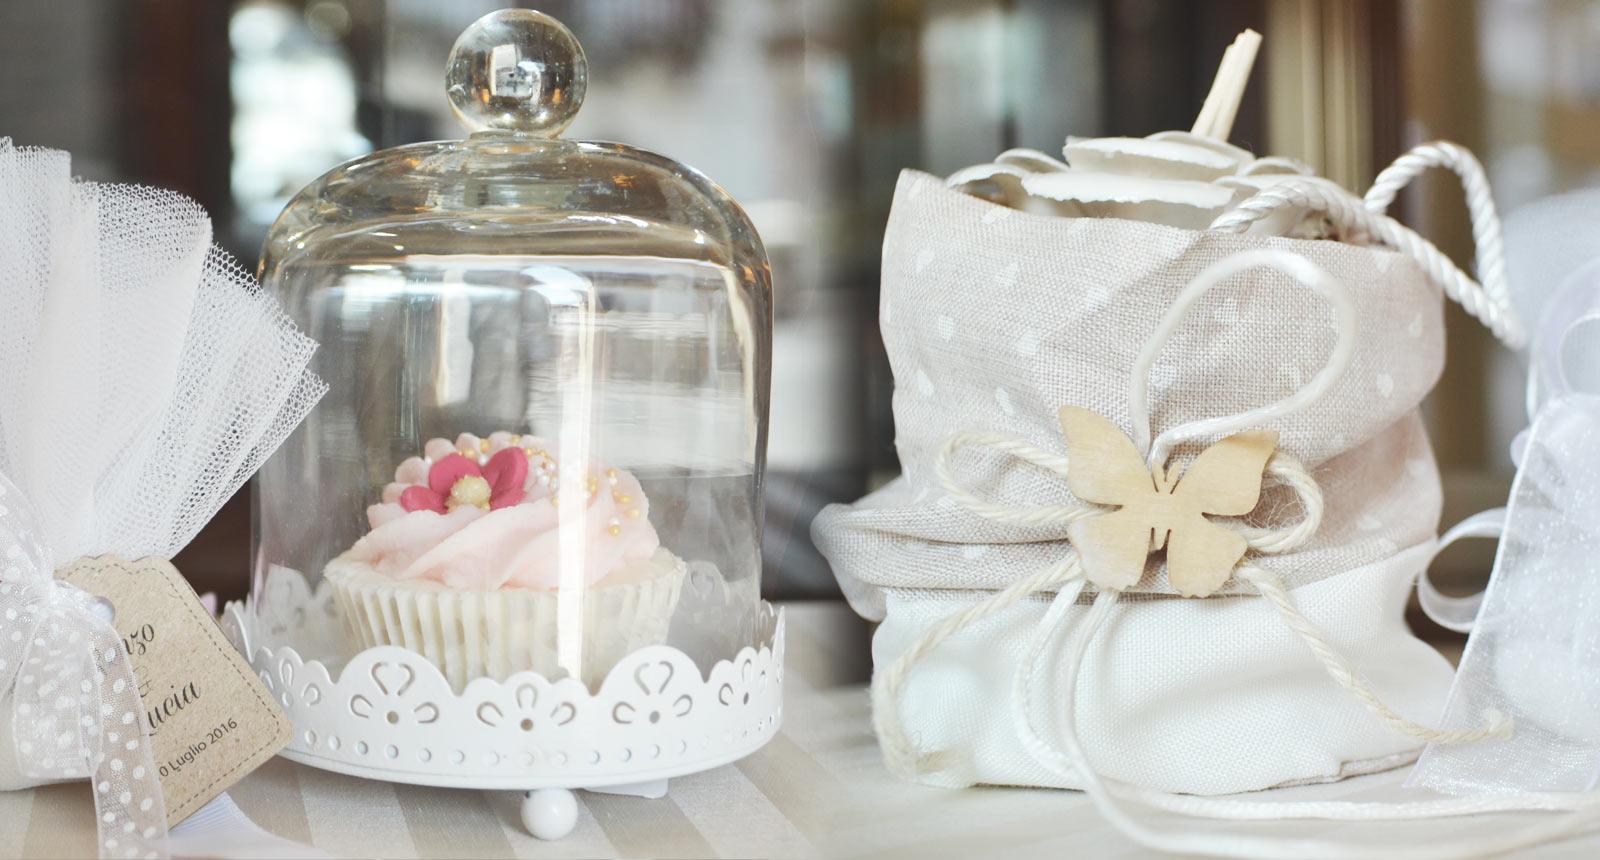 Favorito Bomboniere matrimonio 2018: bomboniere originali per il tuo matrimonio KS59